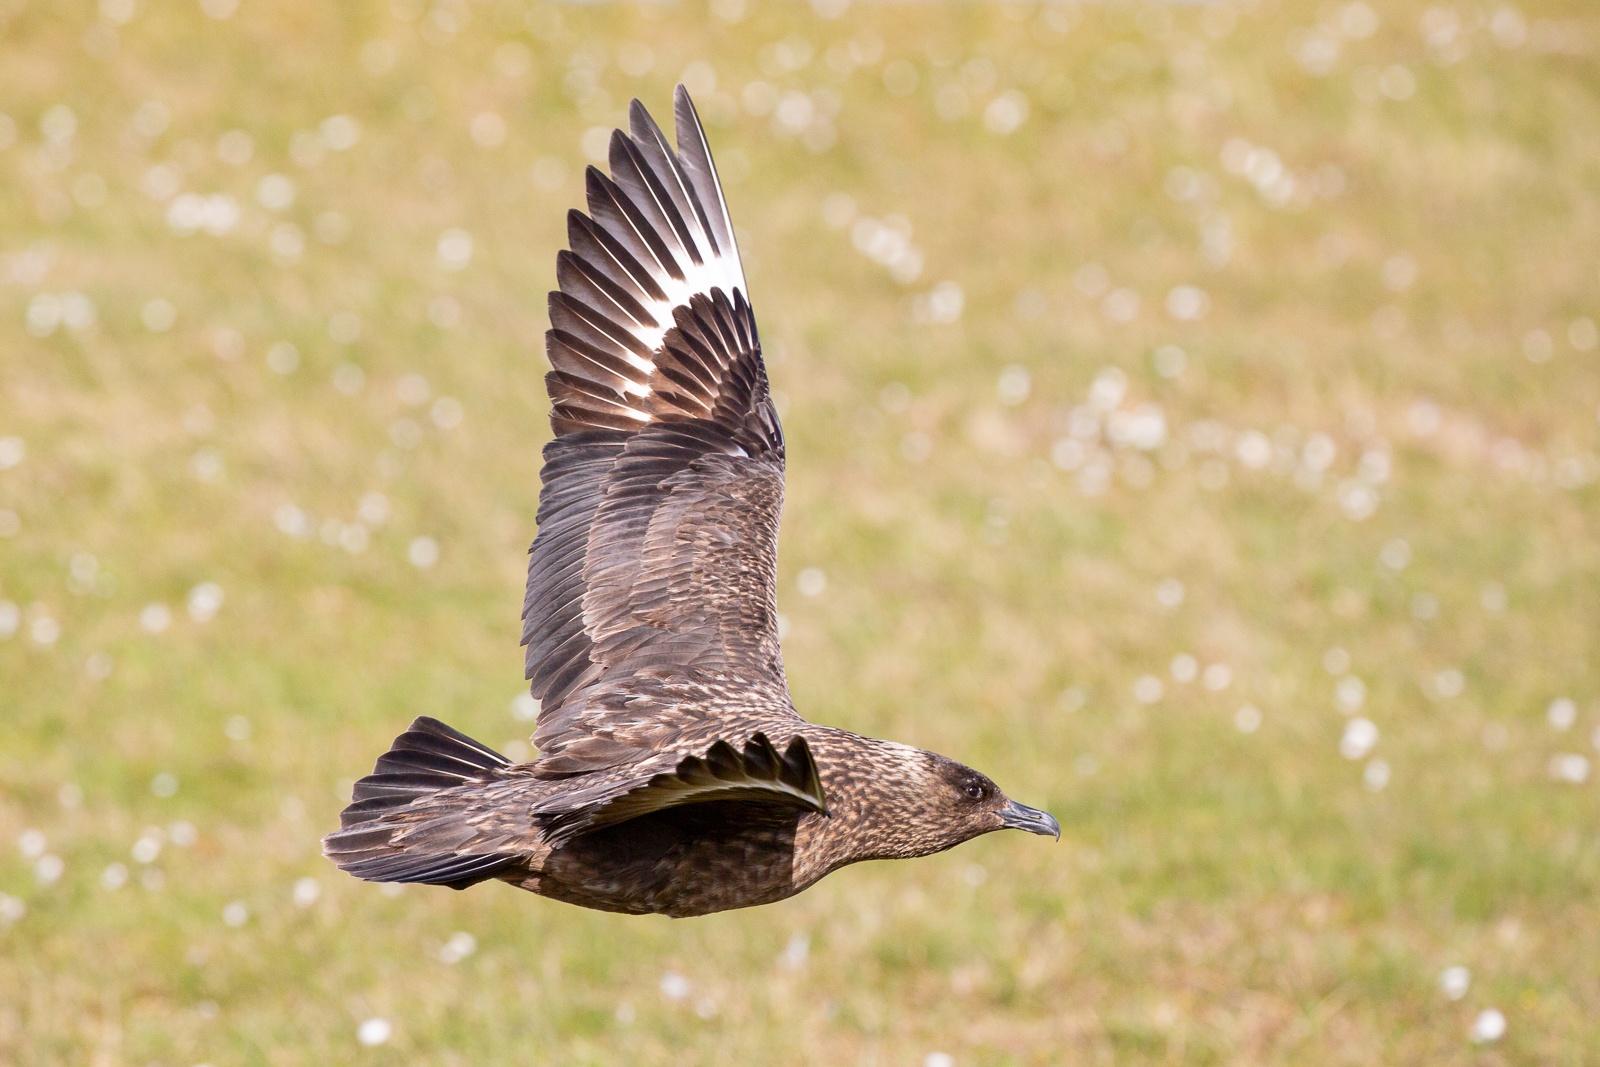 a bonxie in flight